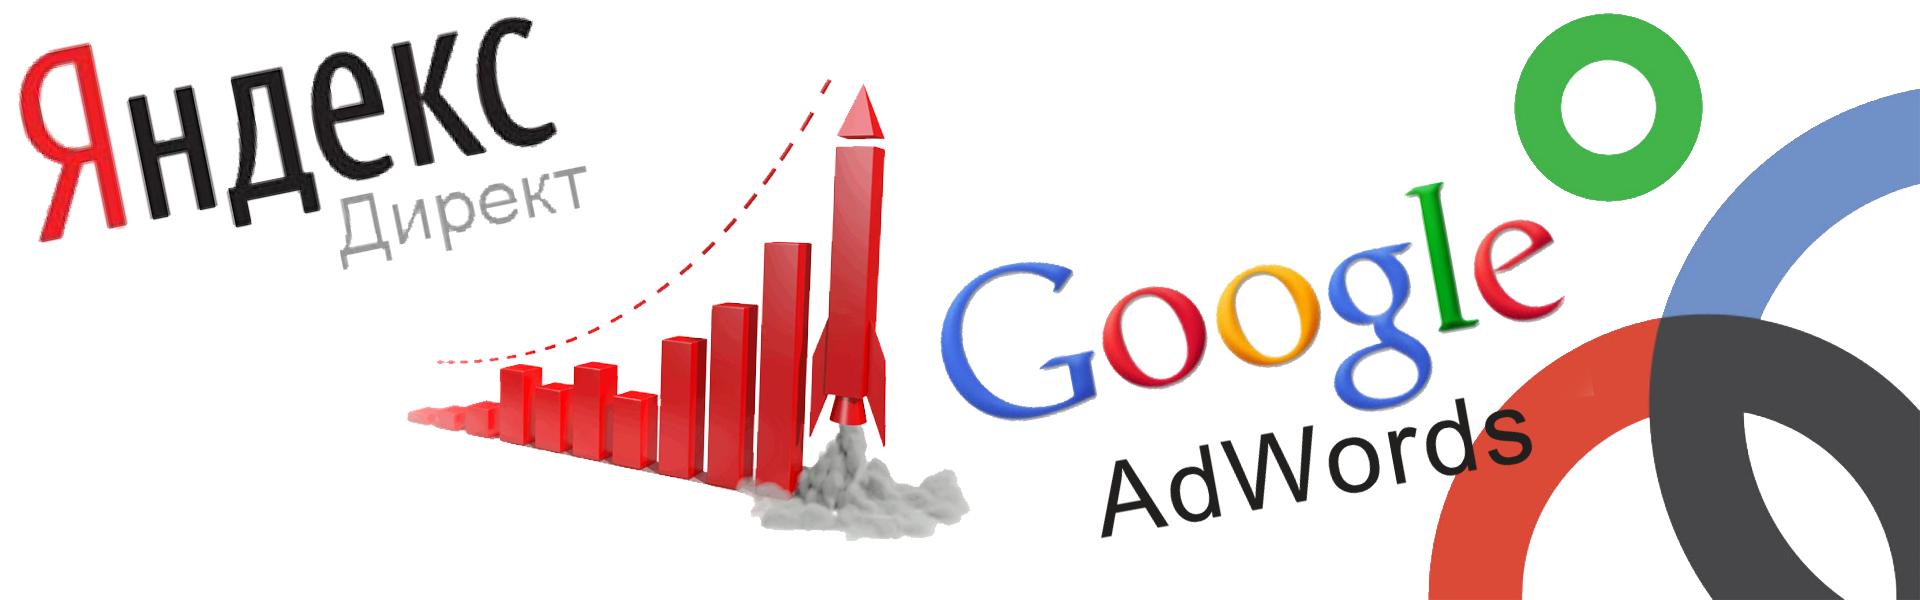 Реклама от wmlink раскрутка и продвижение сайта гугл реклама песня